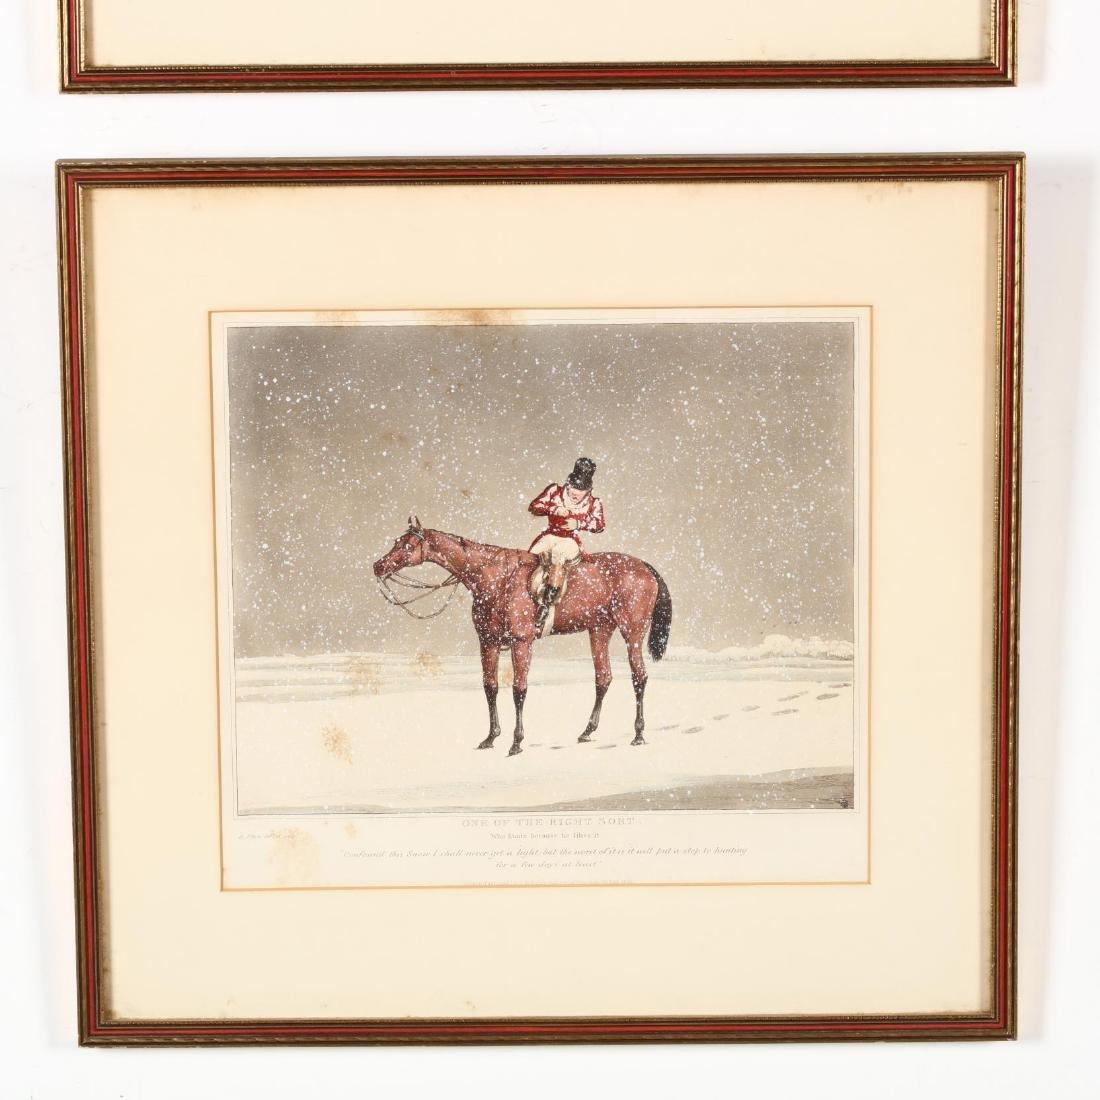 after Henry Alken (British, 1785-1851), Pair of Snowy - 4